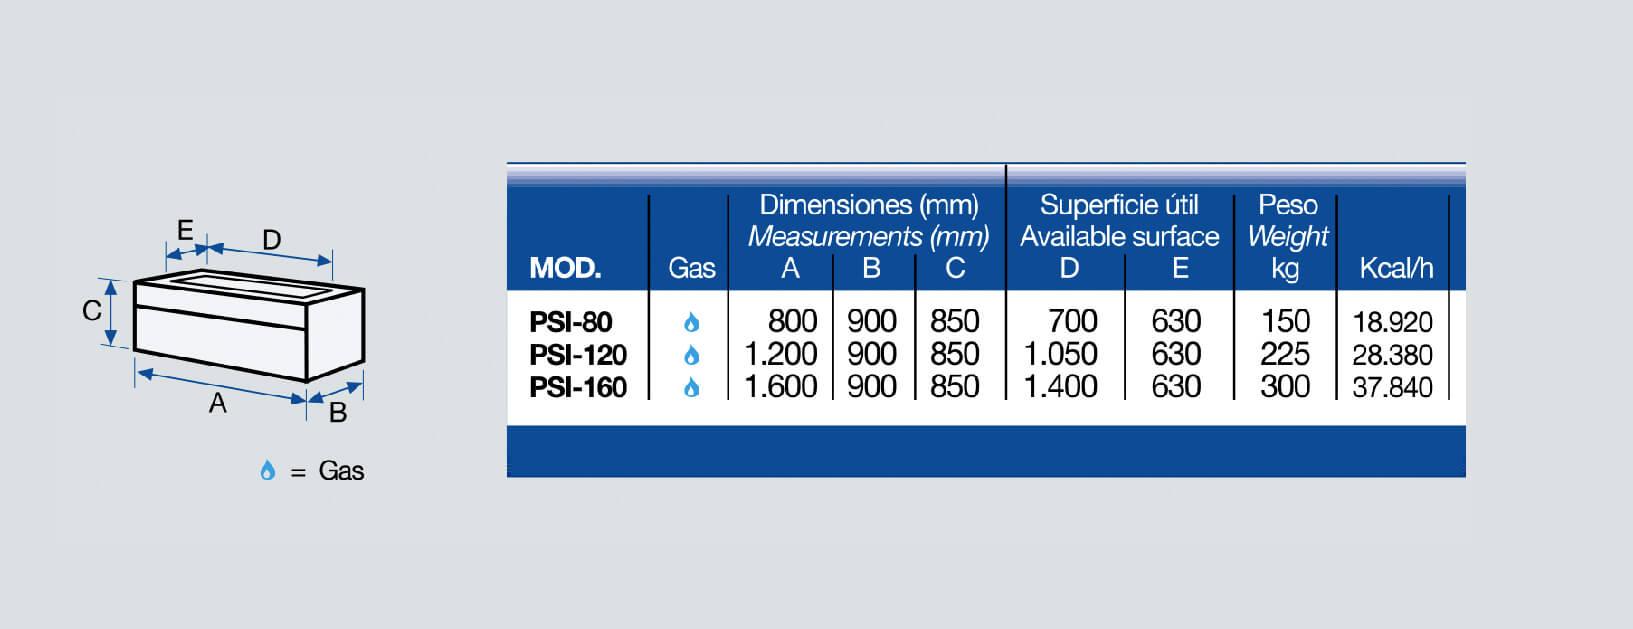 Dimensiones parrillas monobloque